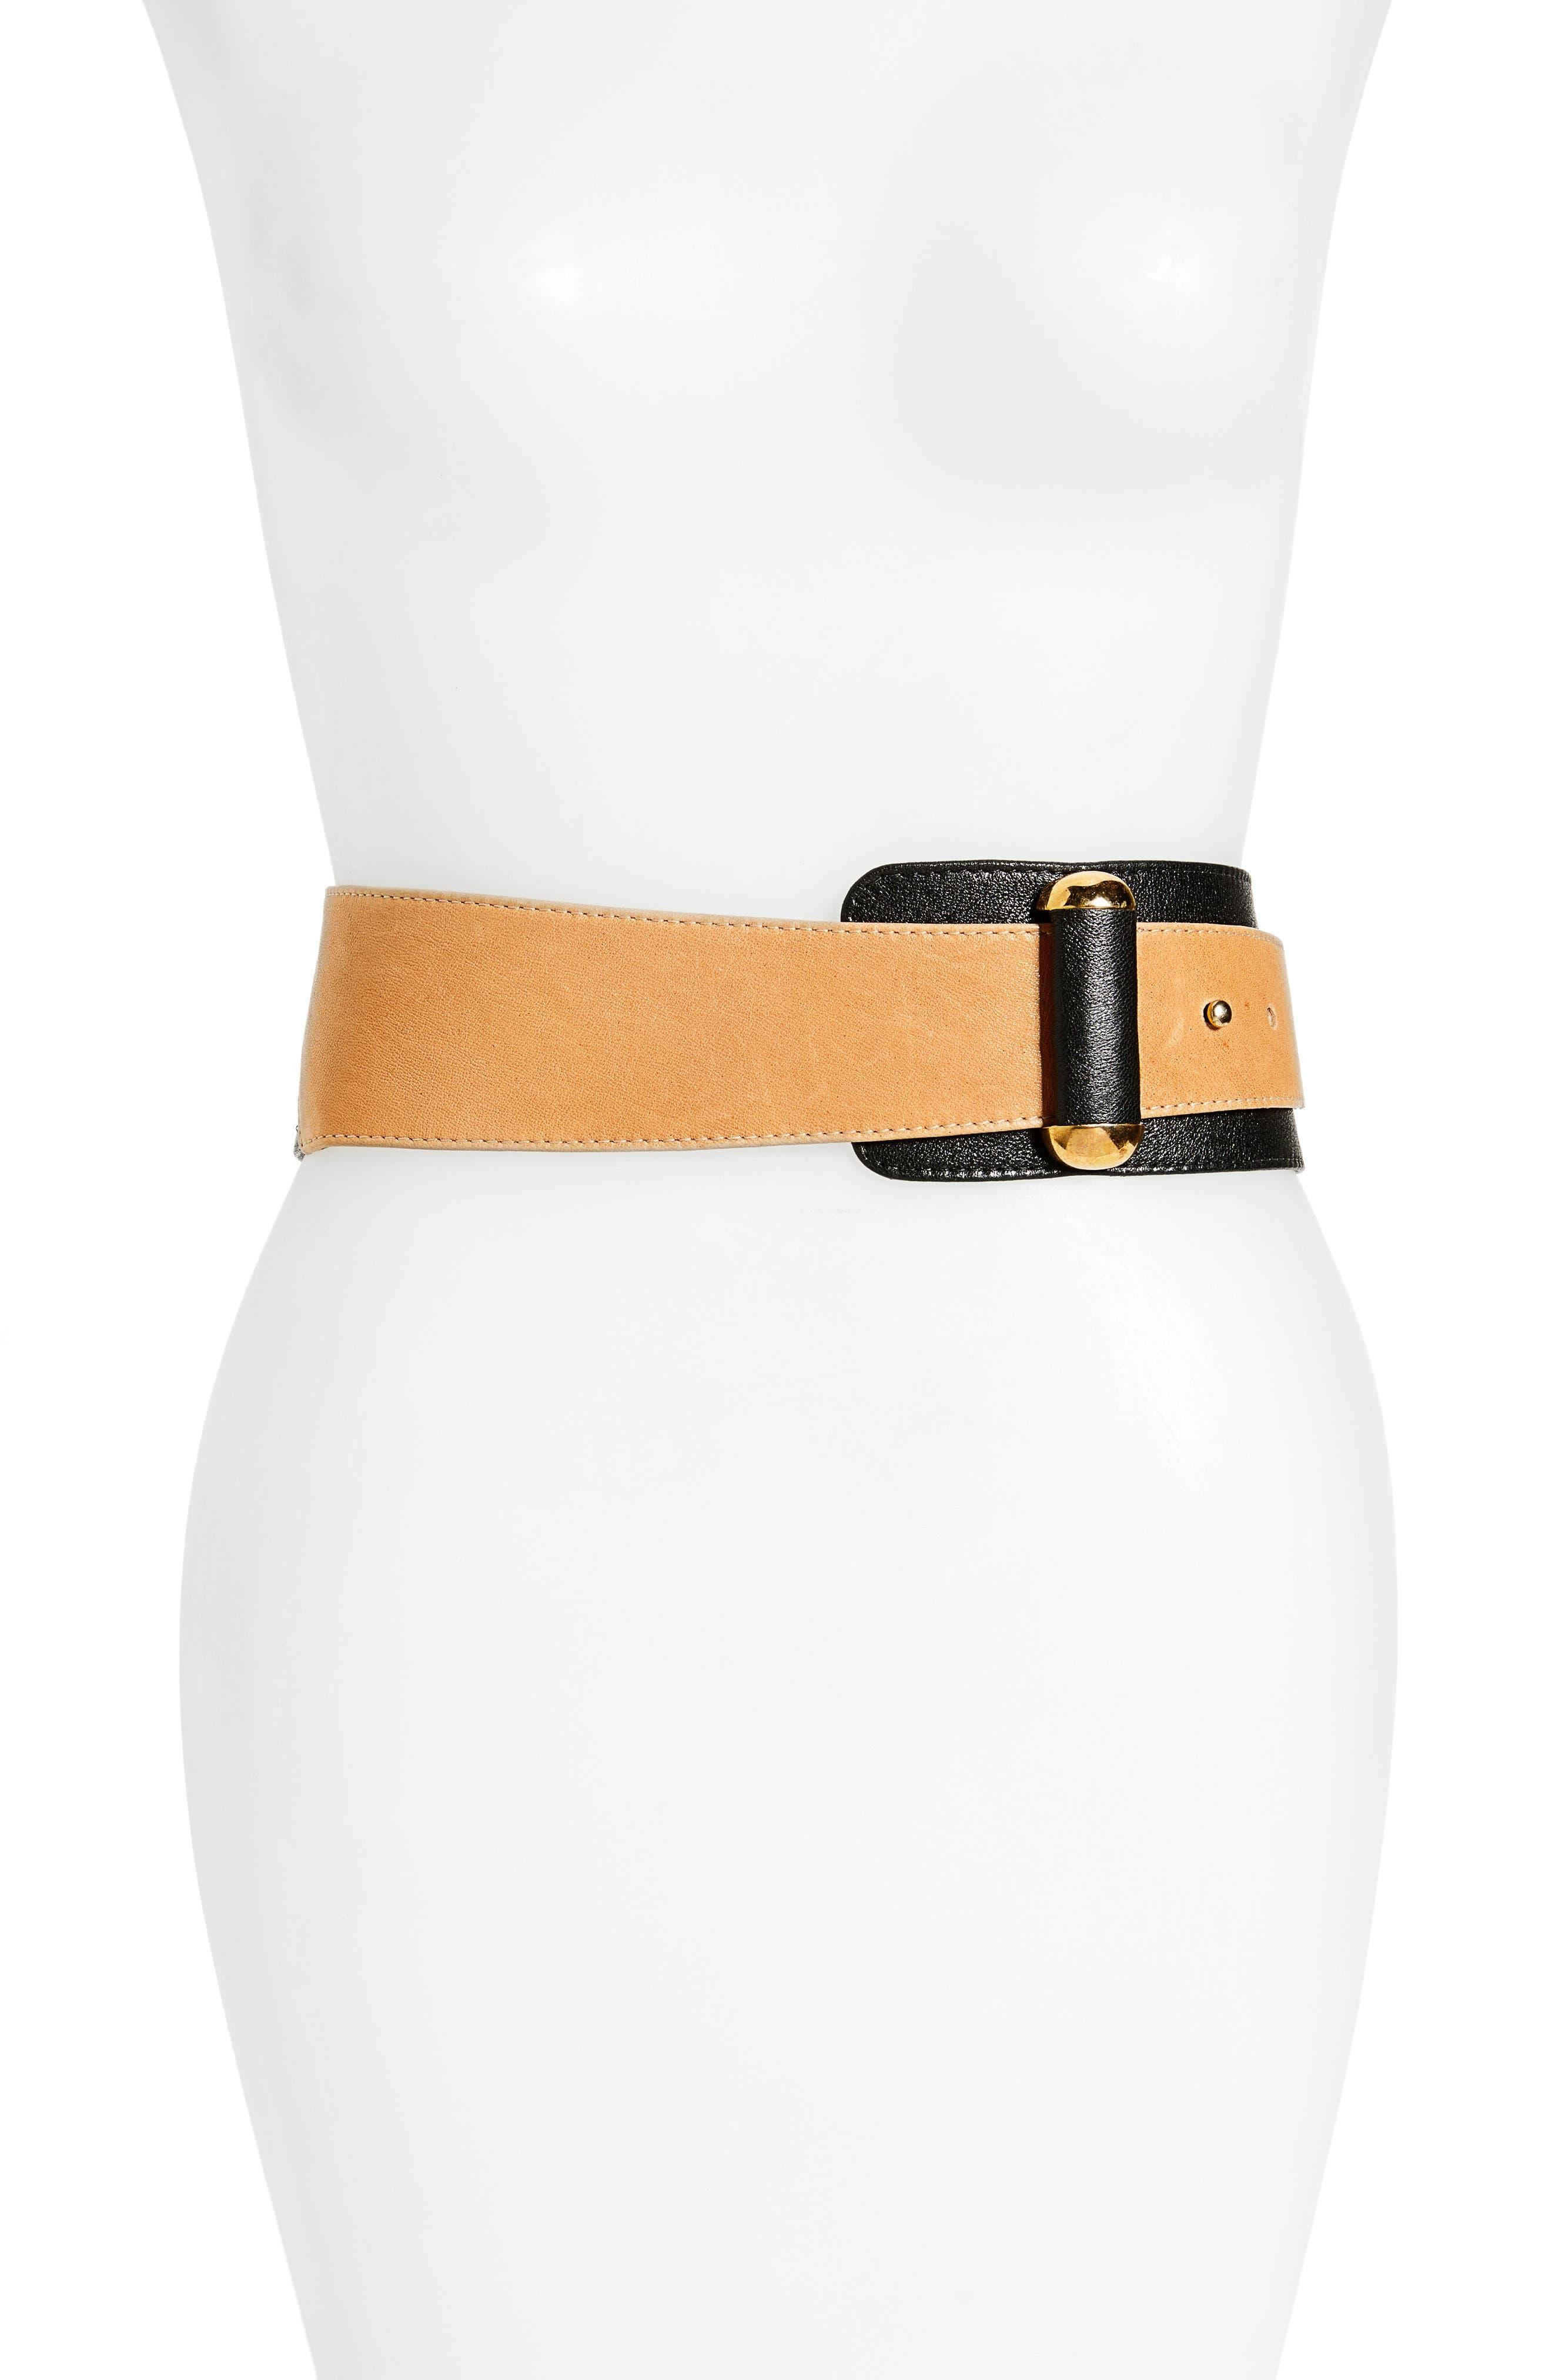 RAINA Vixen Leather Belt, Main, color, BLACK/ BROWN